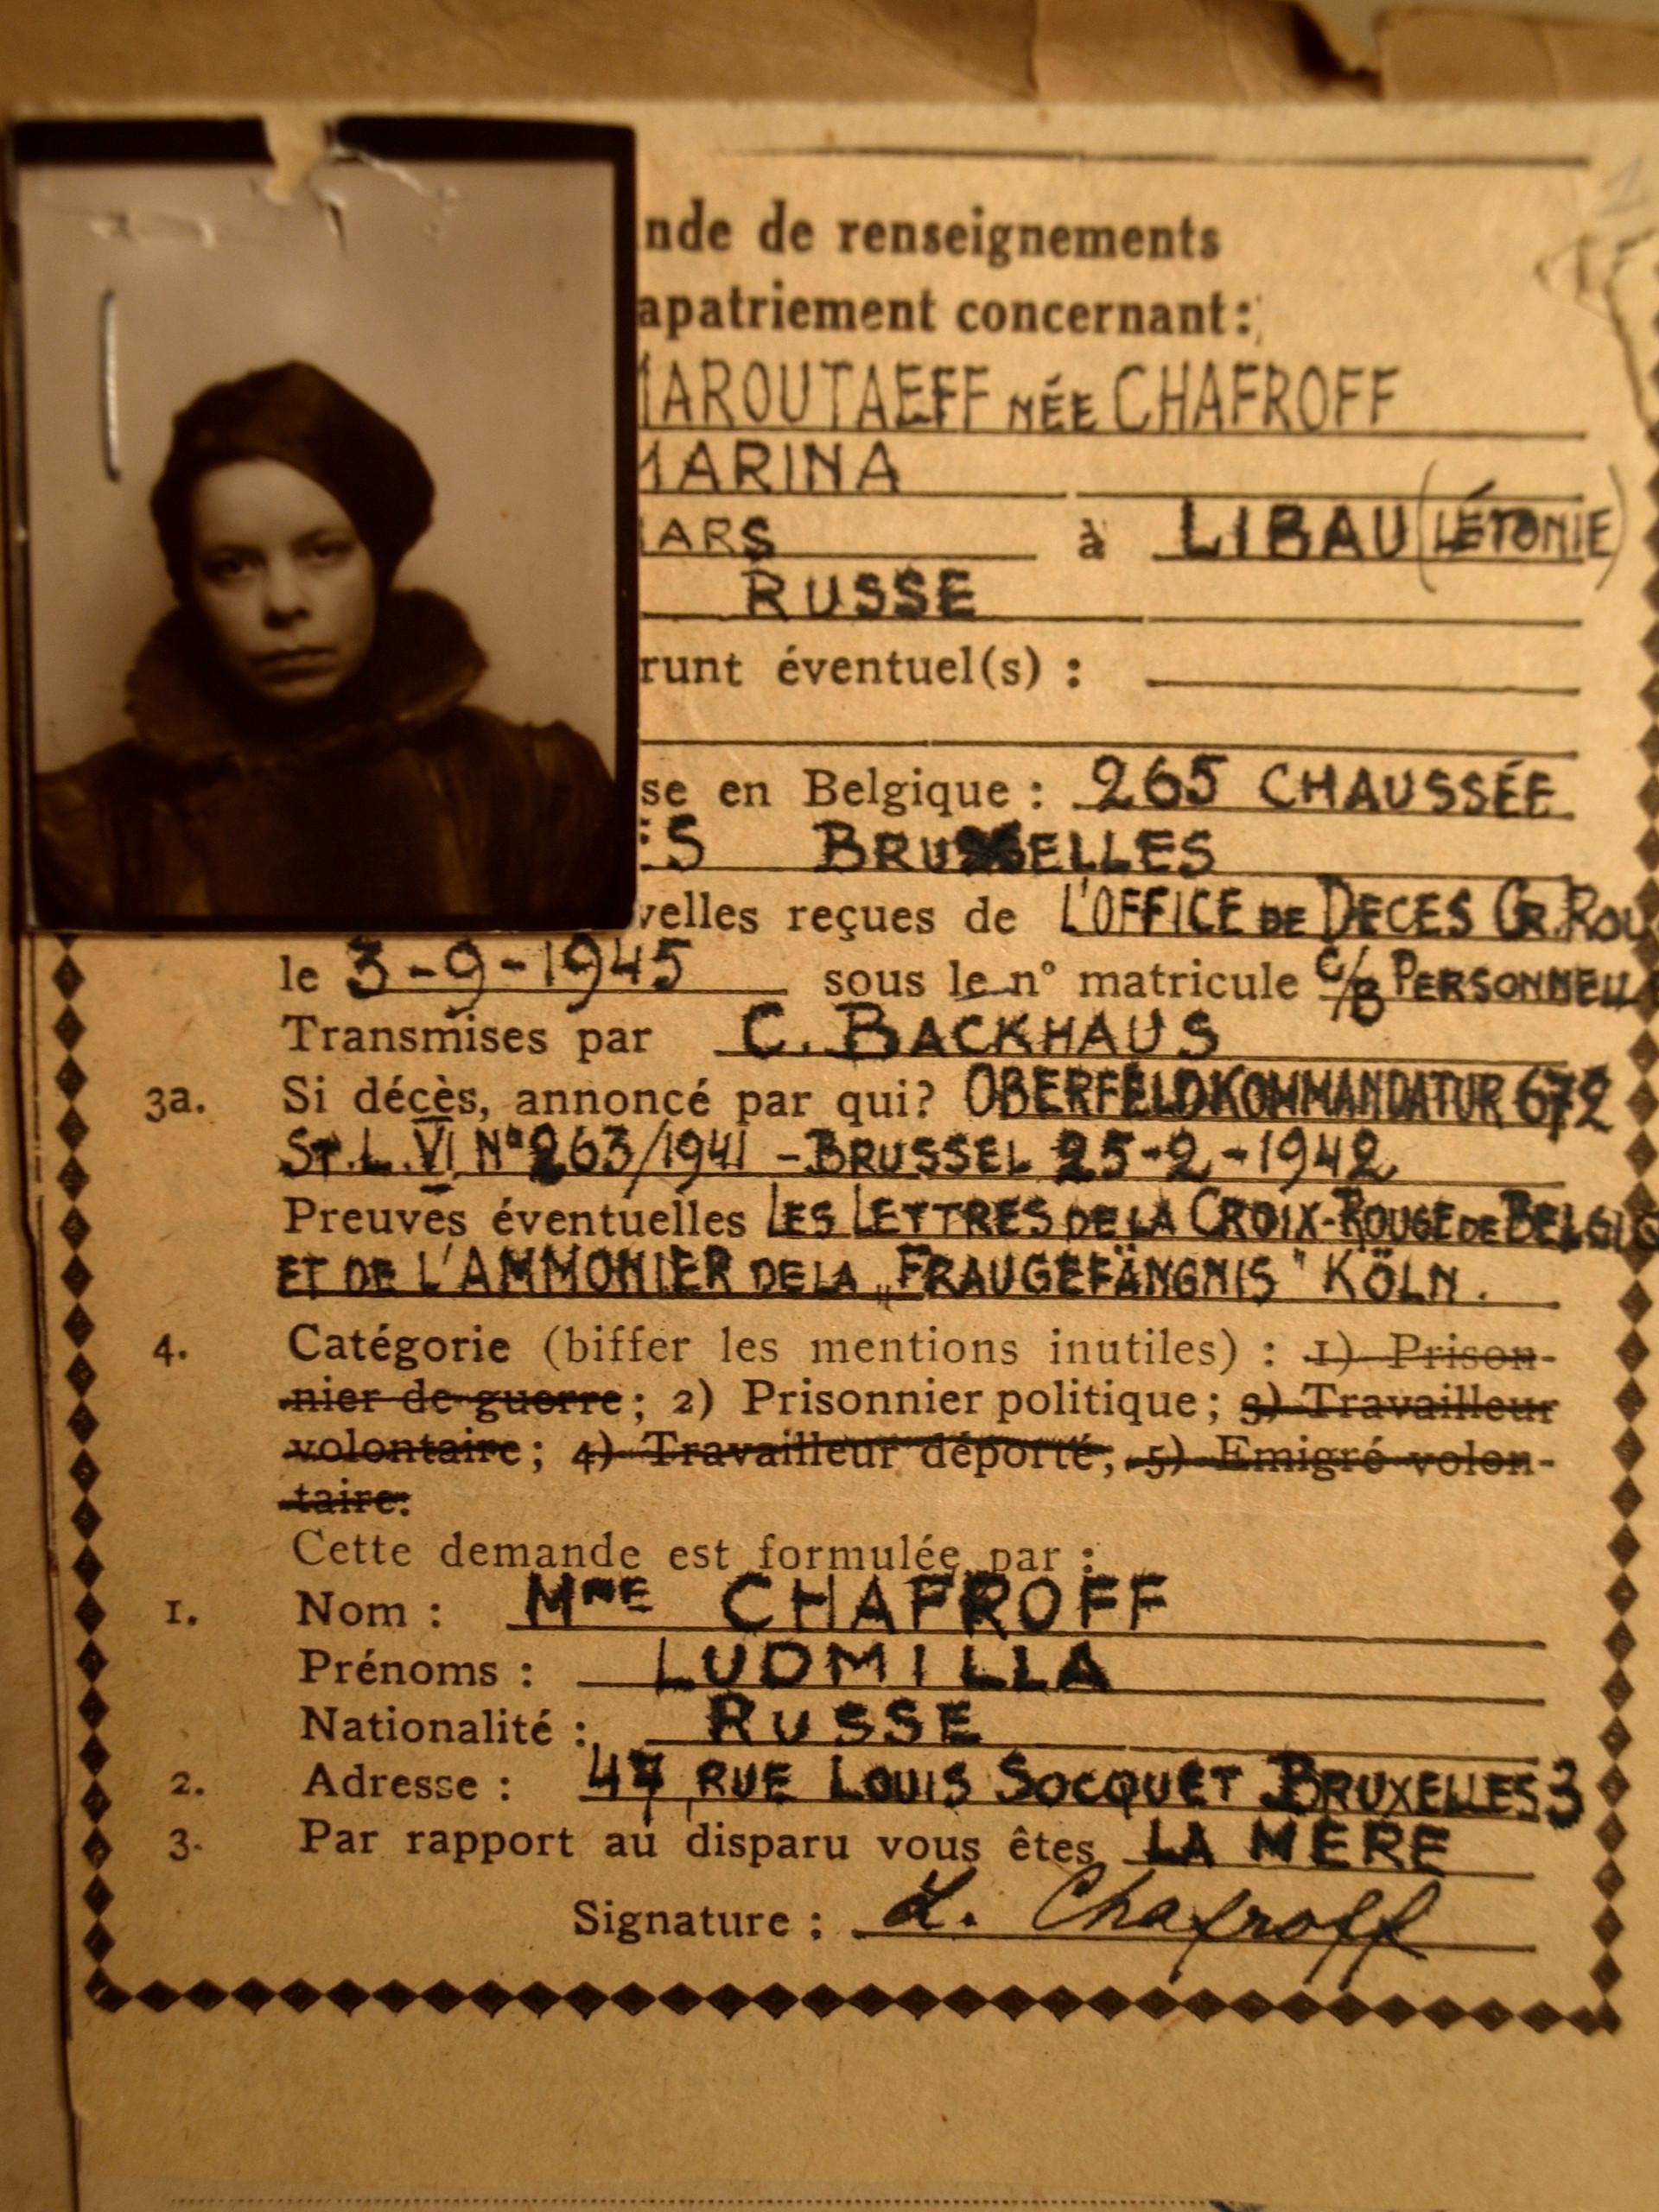 Carte de transfert de Chafrova, émise durant son transfert de la Belgique vers l'Allemagne